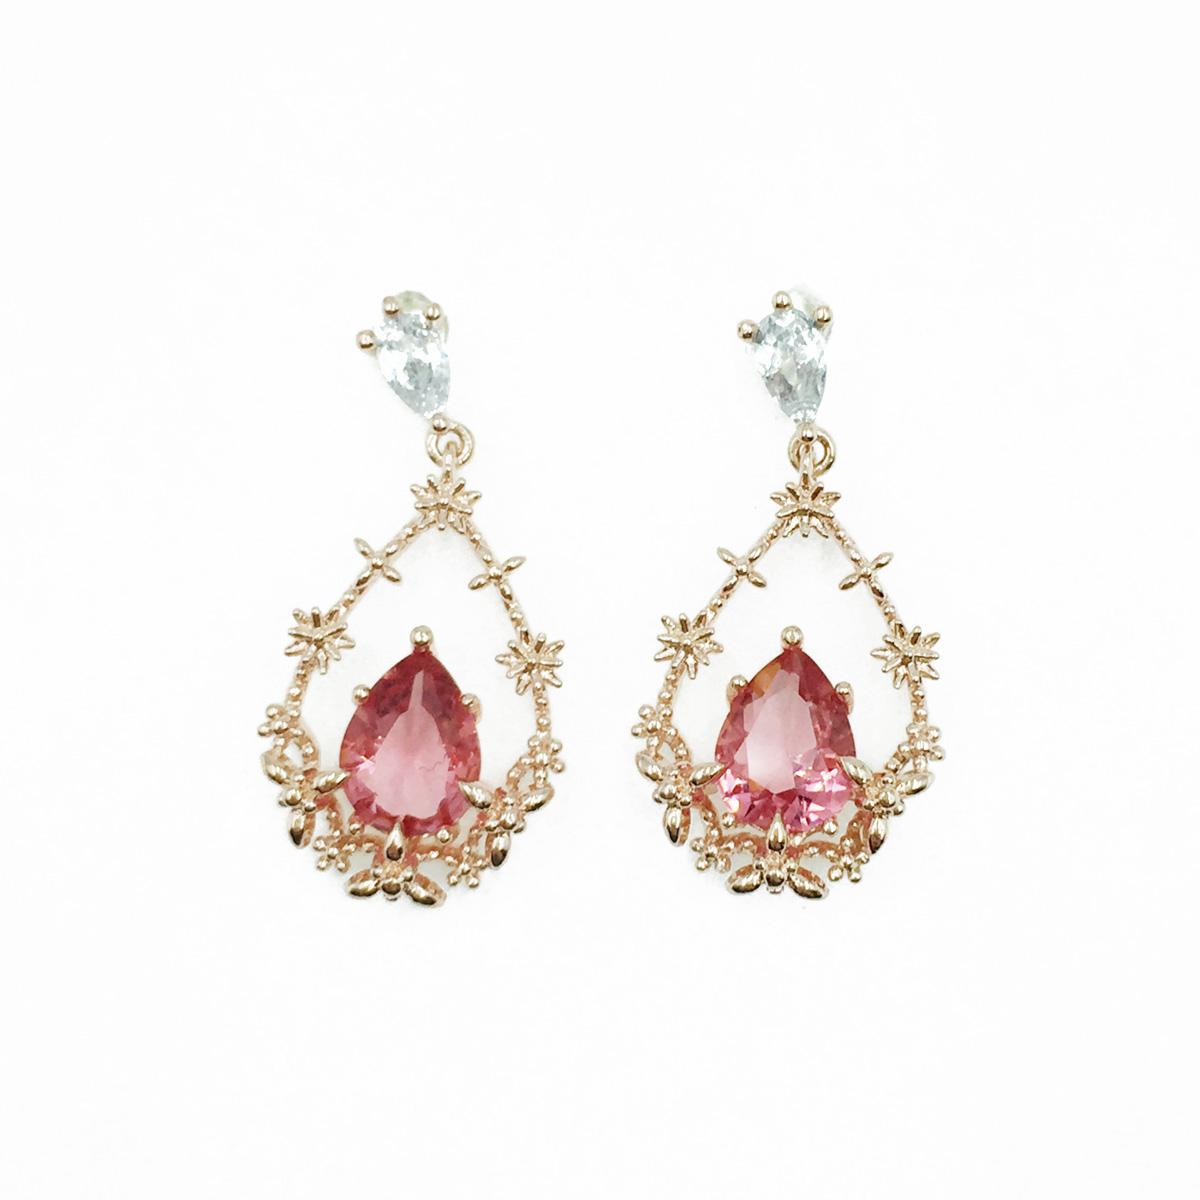 韓國 925純銀 花圈 水鑽 玫瑰金 垂墜感 耳針式耳環